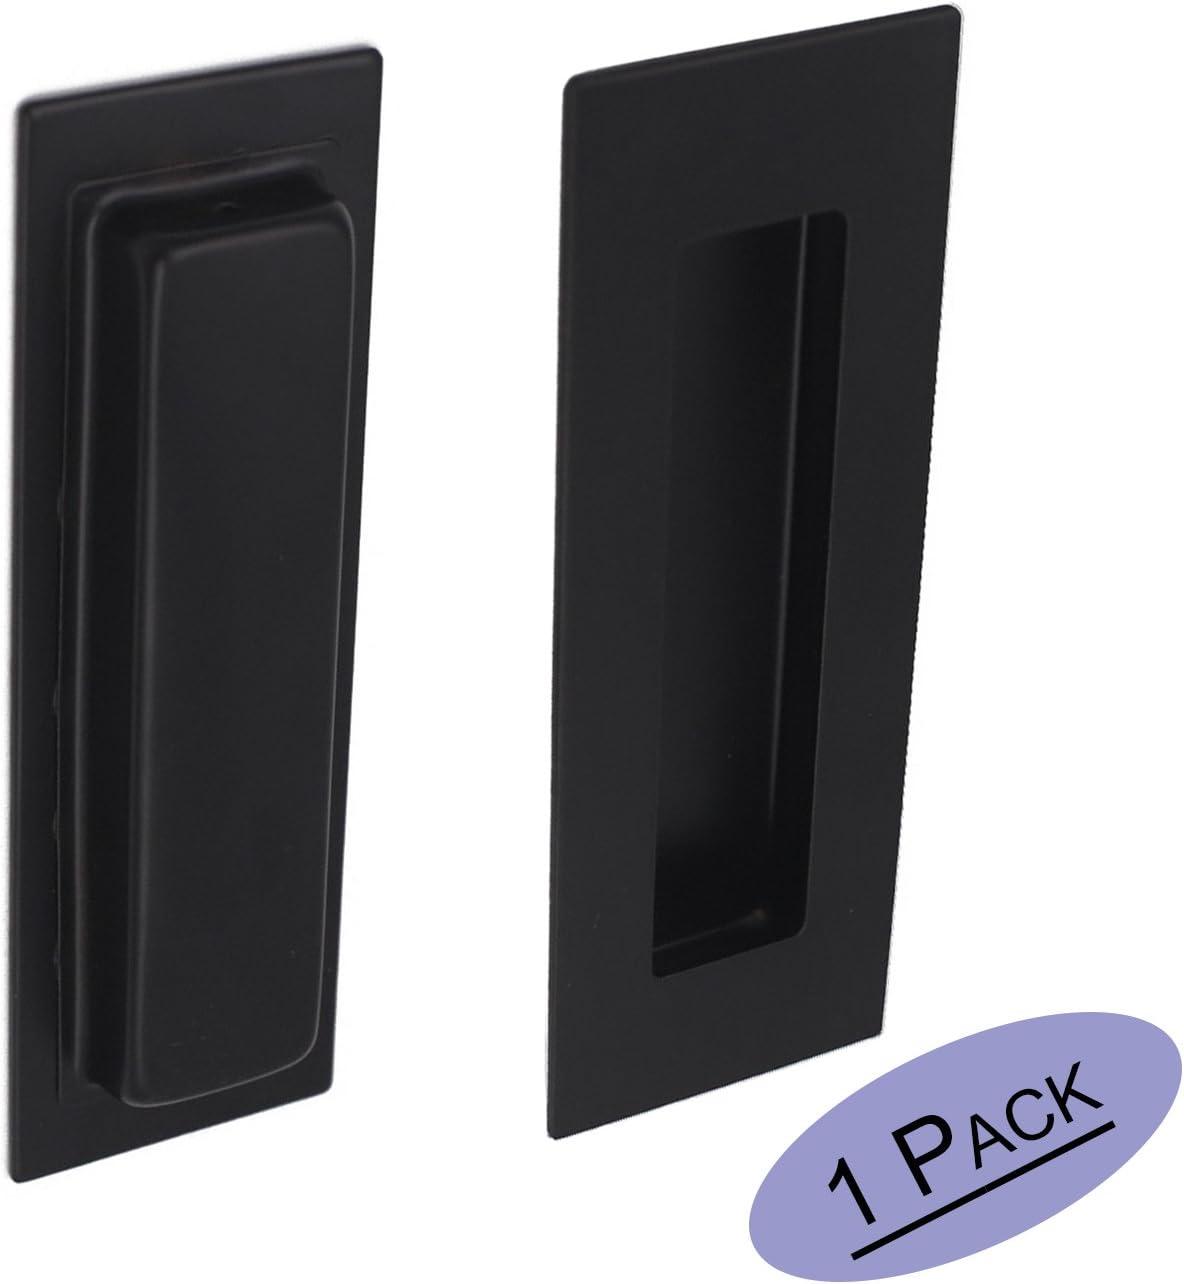 Manijas de puerta corredera negra rectangular empotrable – Goldenwarm MC018BK tornillos ocultos de 15 cm de longitud, 5 cm de ancho de acero inoxidable: Amazon.es: Bricolaje y herramientas